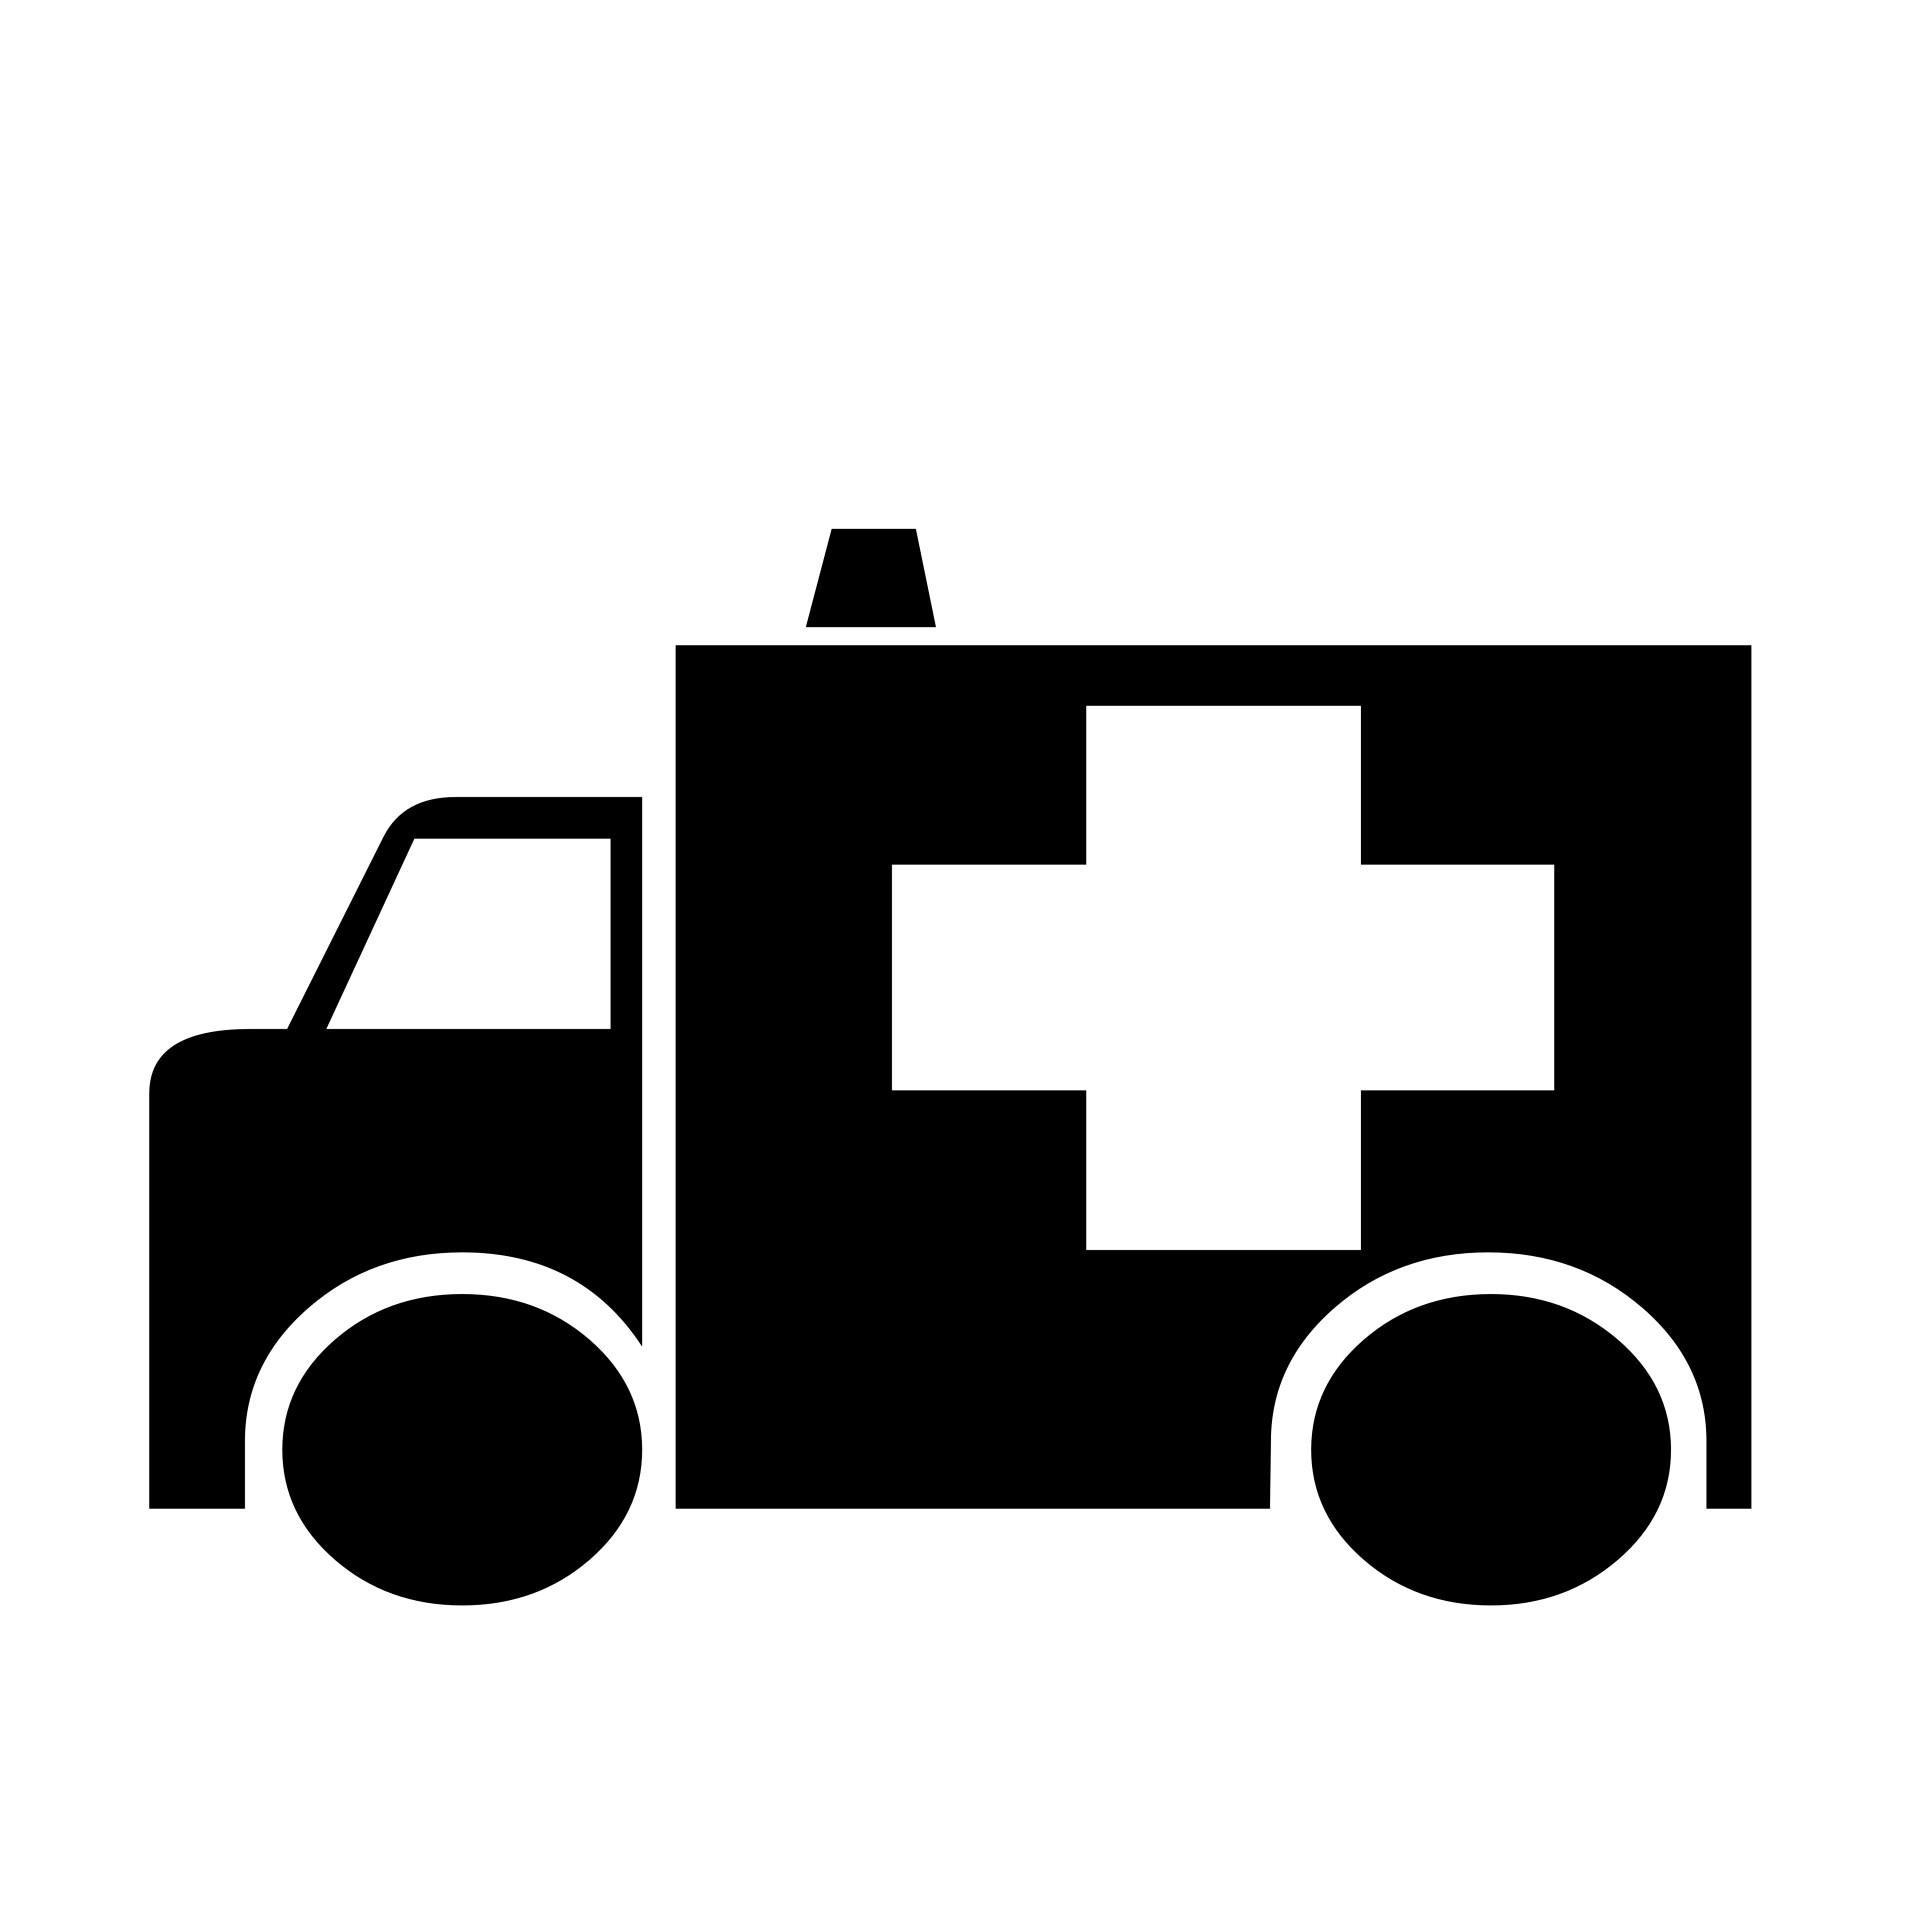 1920x1920 Car Ambulance Free Stock Photo